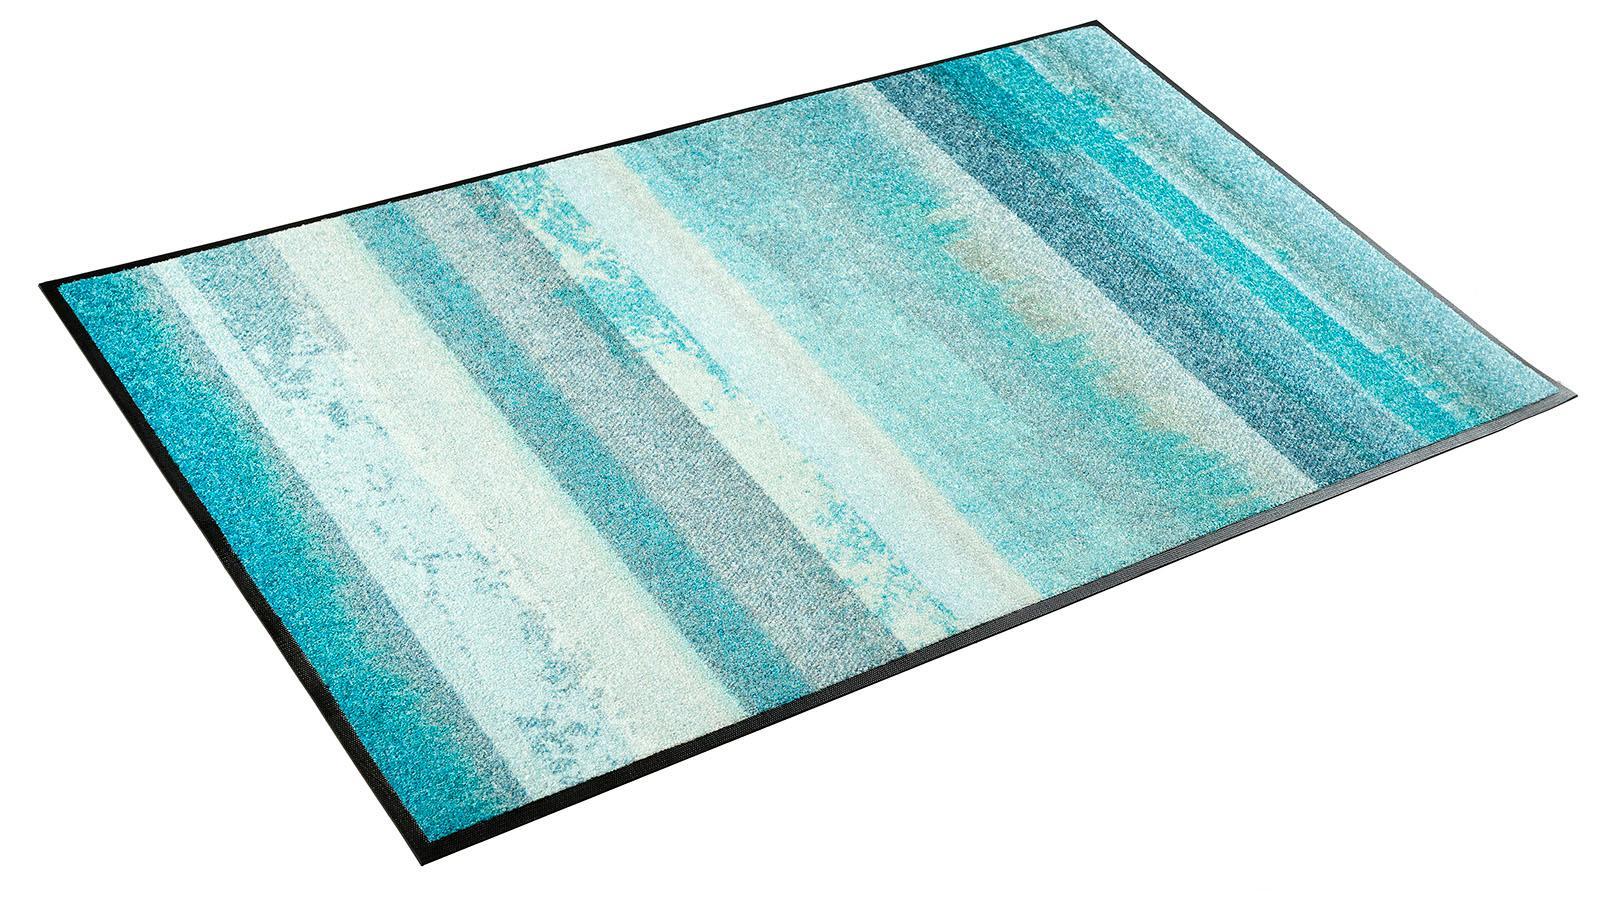 Teppich Aquamix wash+dry by Kleen-Tex rechteckig Höhe 7 mm gedruckt